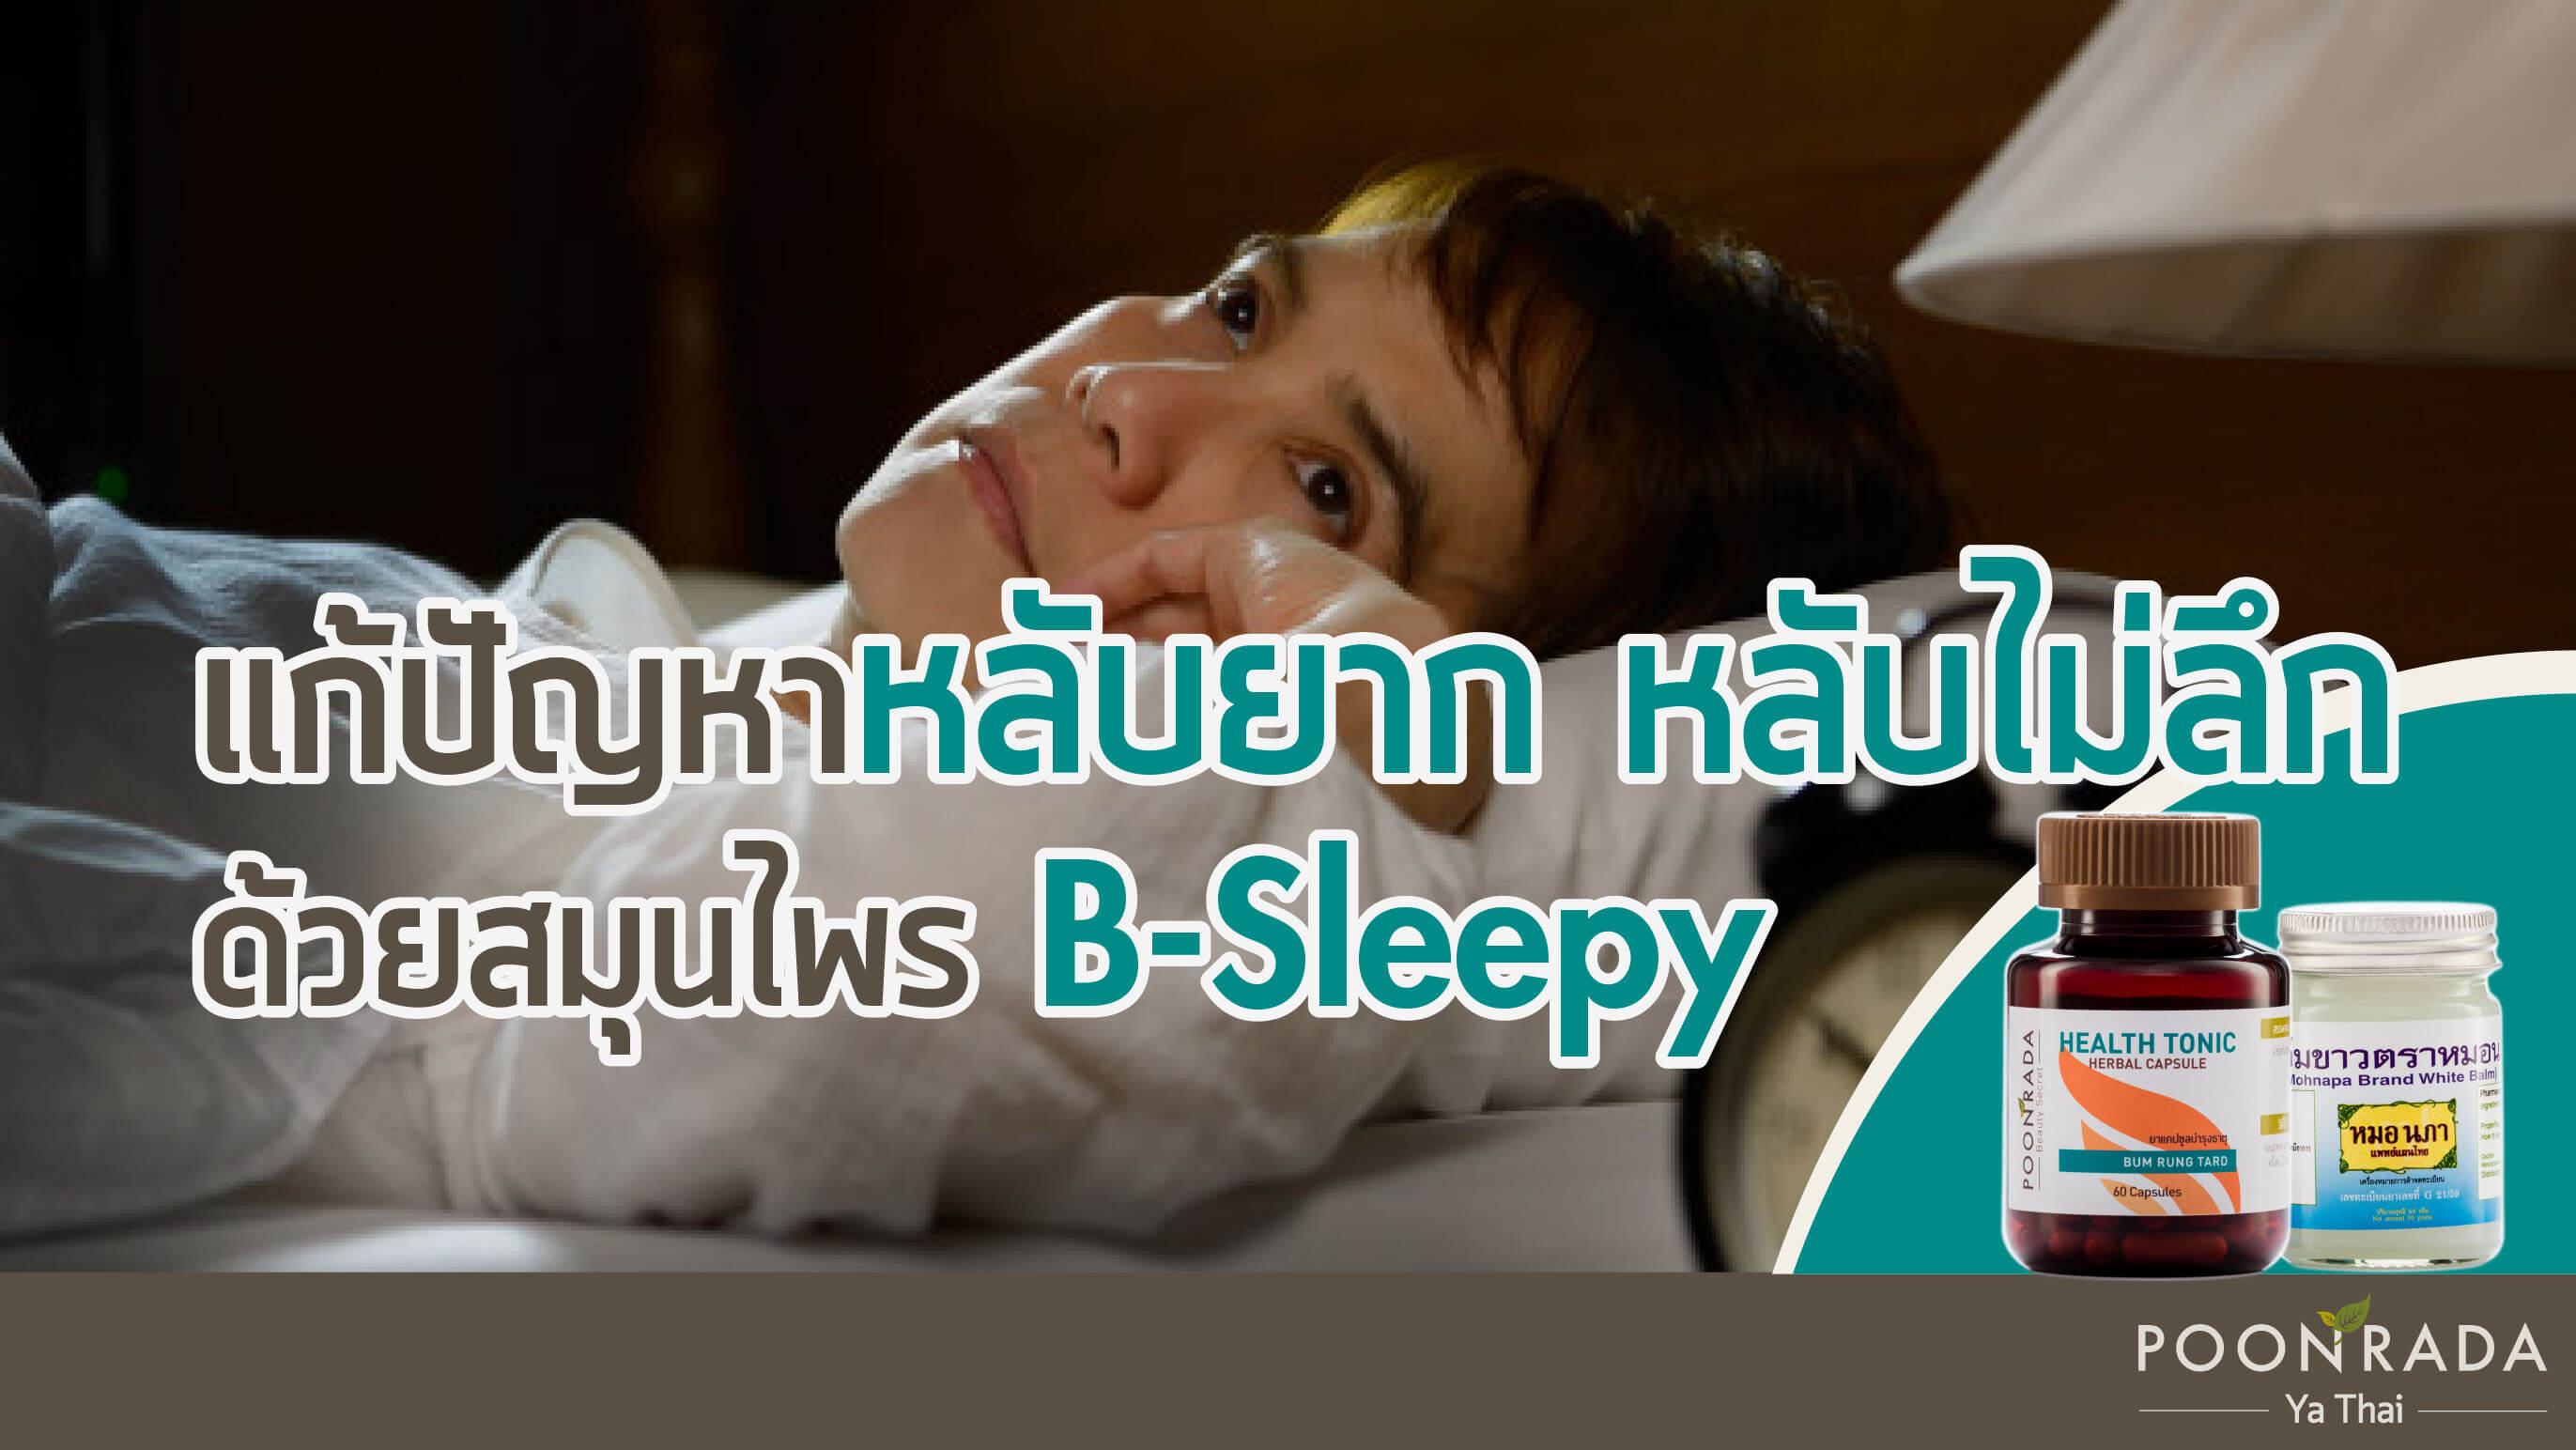 แก้ปัญหาหลับยาก หลับไม่ลึก ด้วยสมุนไพร B-Sleepy